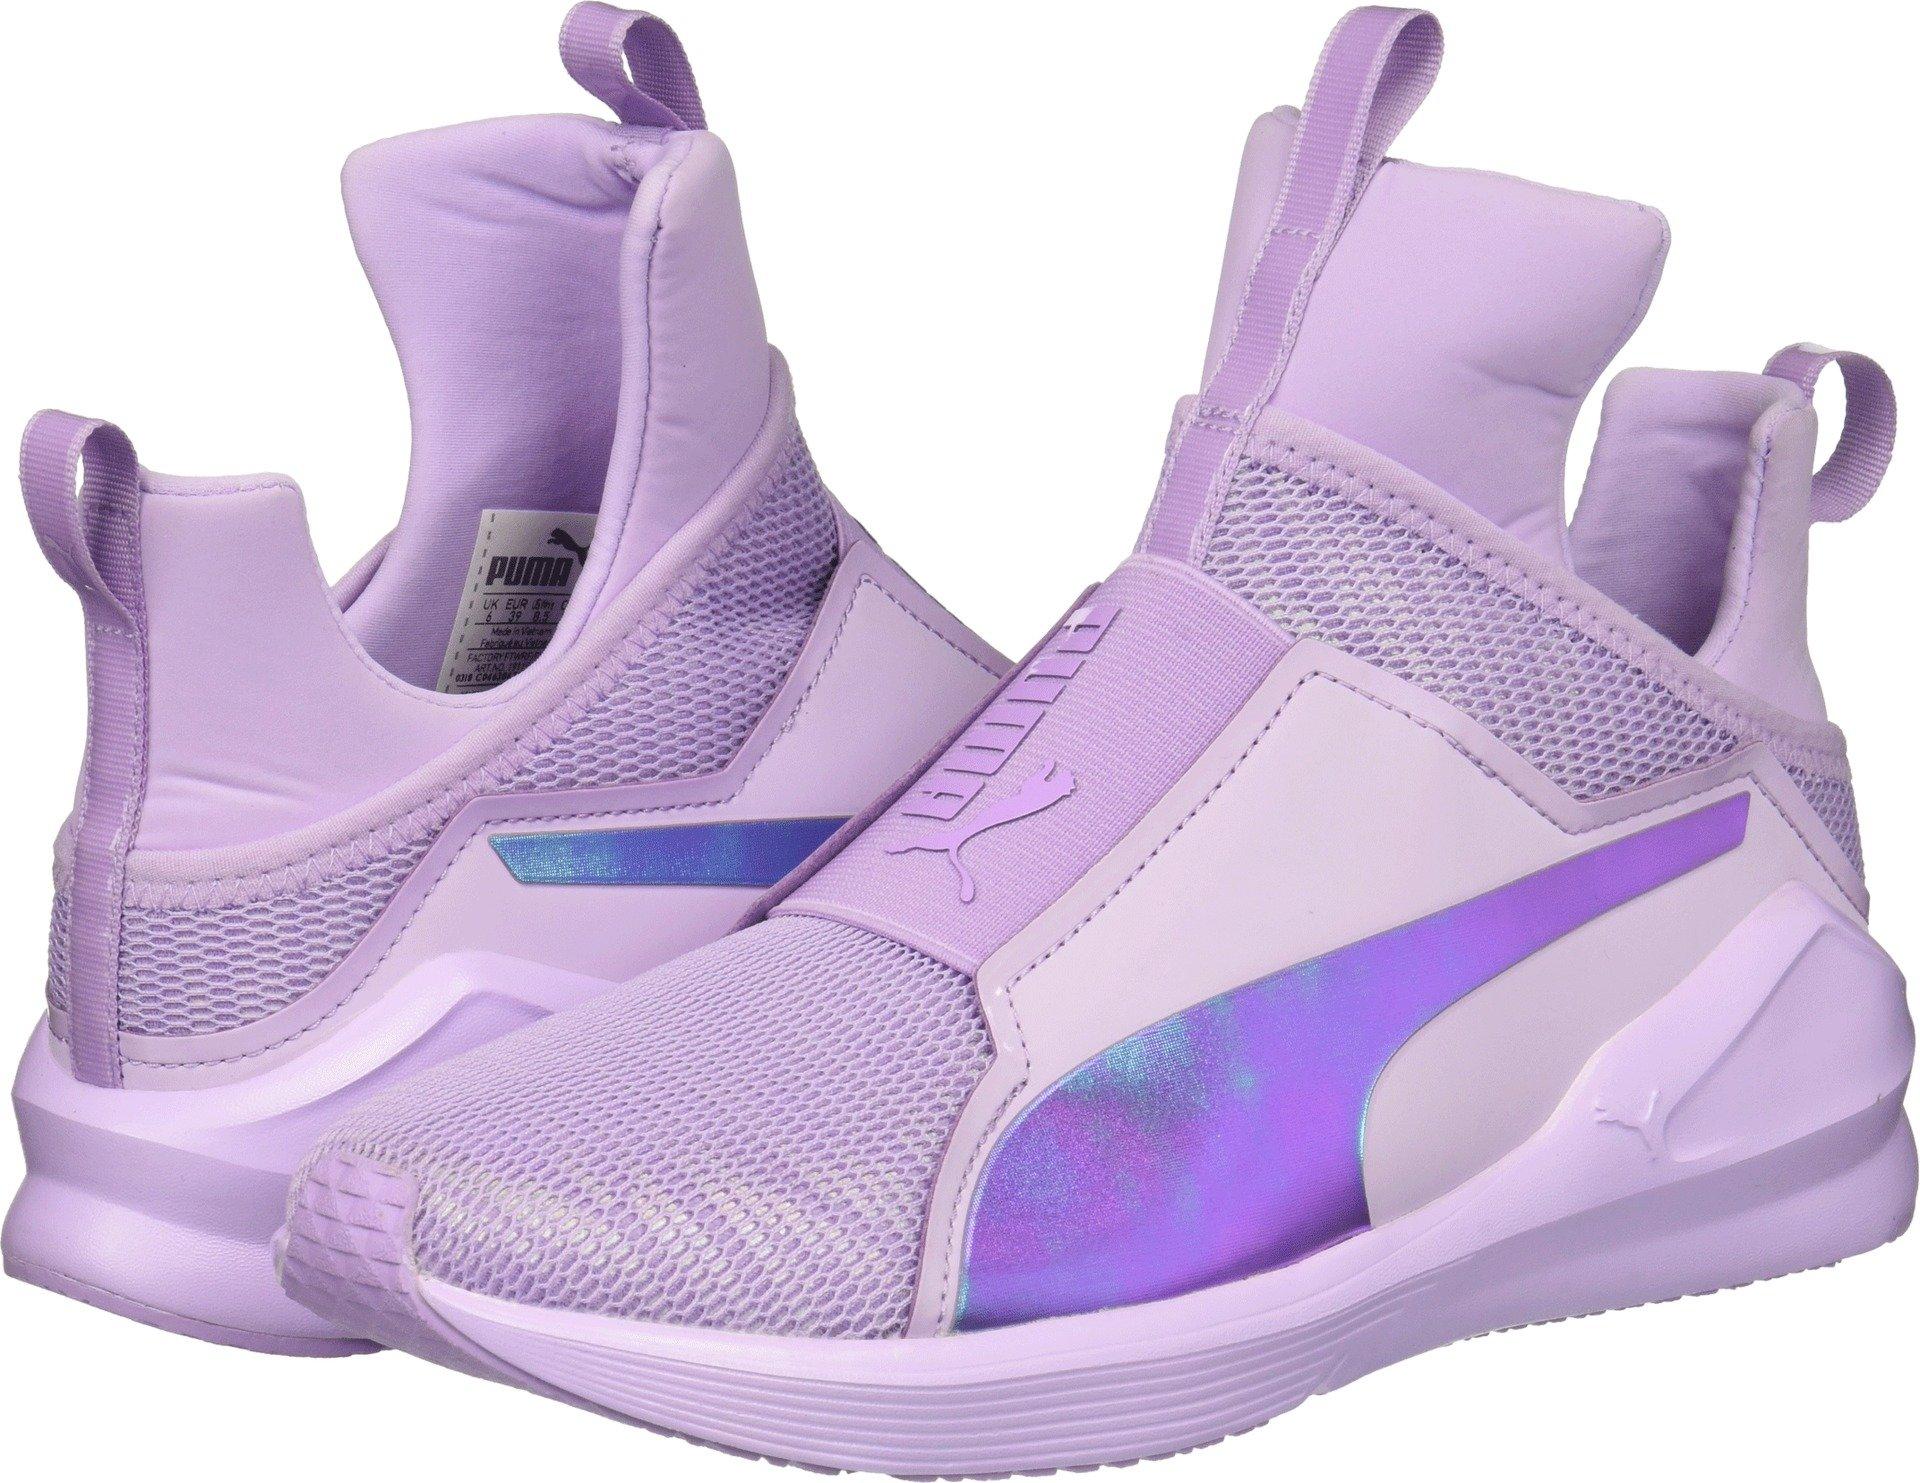 PUMA Women's Fierce Oceanaire Wn Sneaker, Purple Rose-Purple Rose, 10 M US